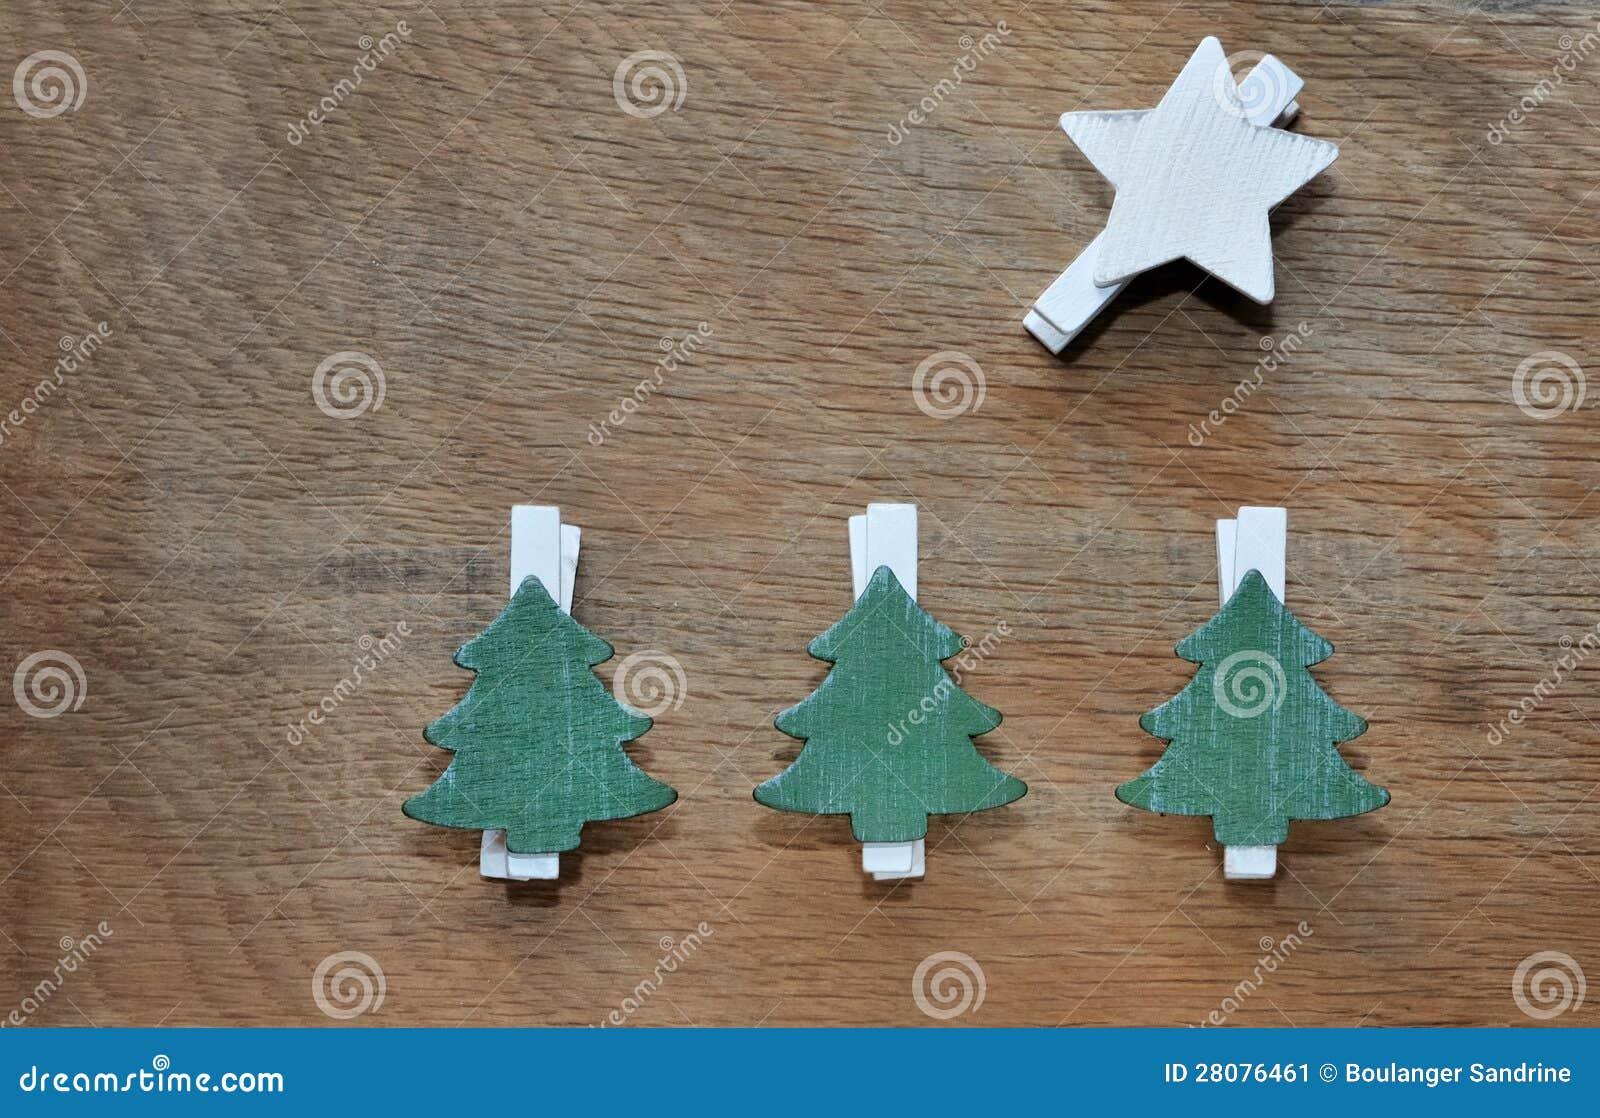 nat rliche weihnachtsdekoration stockbild bild 28076461. Black Bedroom Furniture Sets. Home Design Ideas